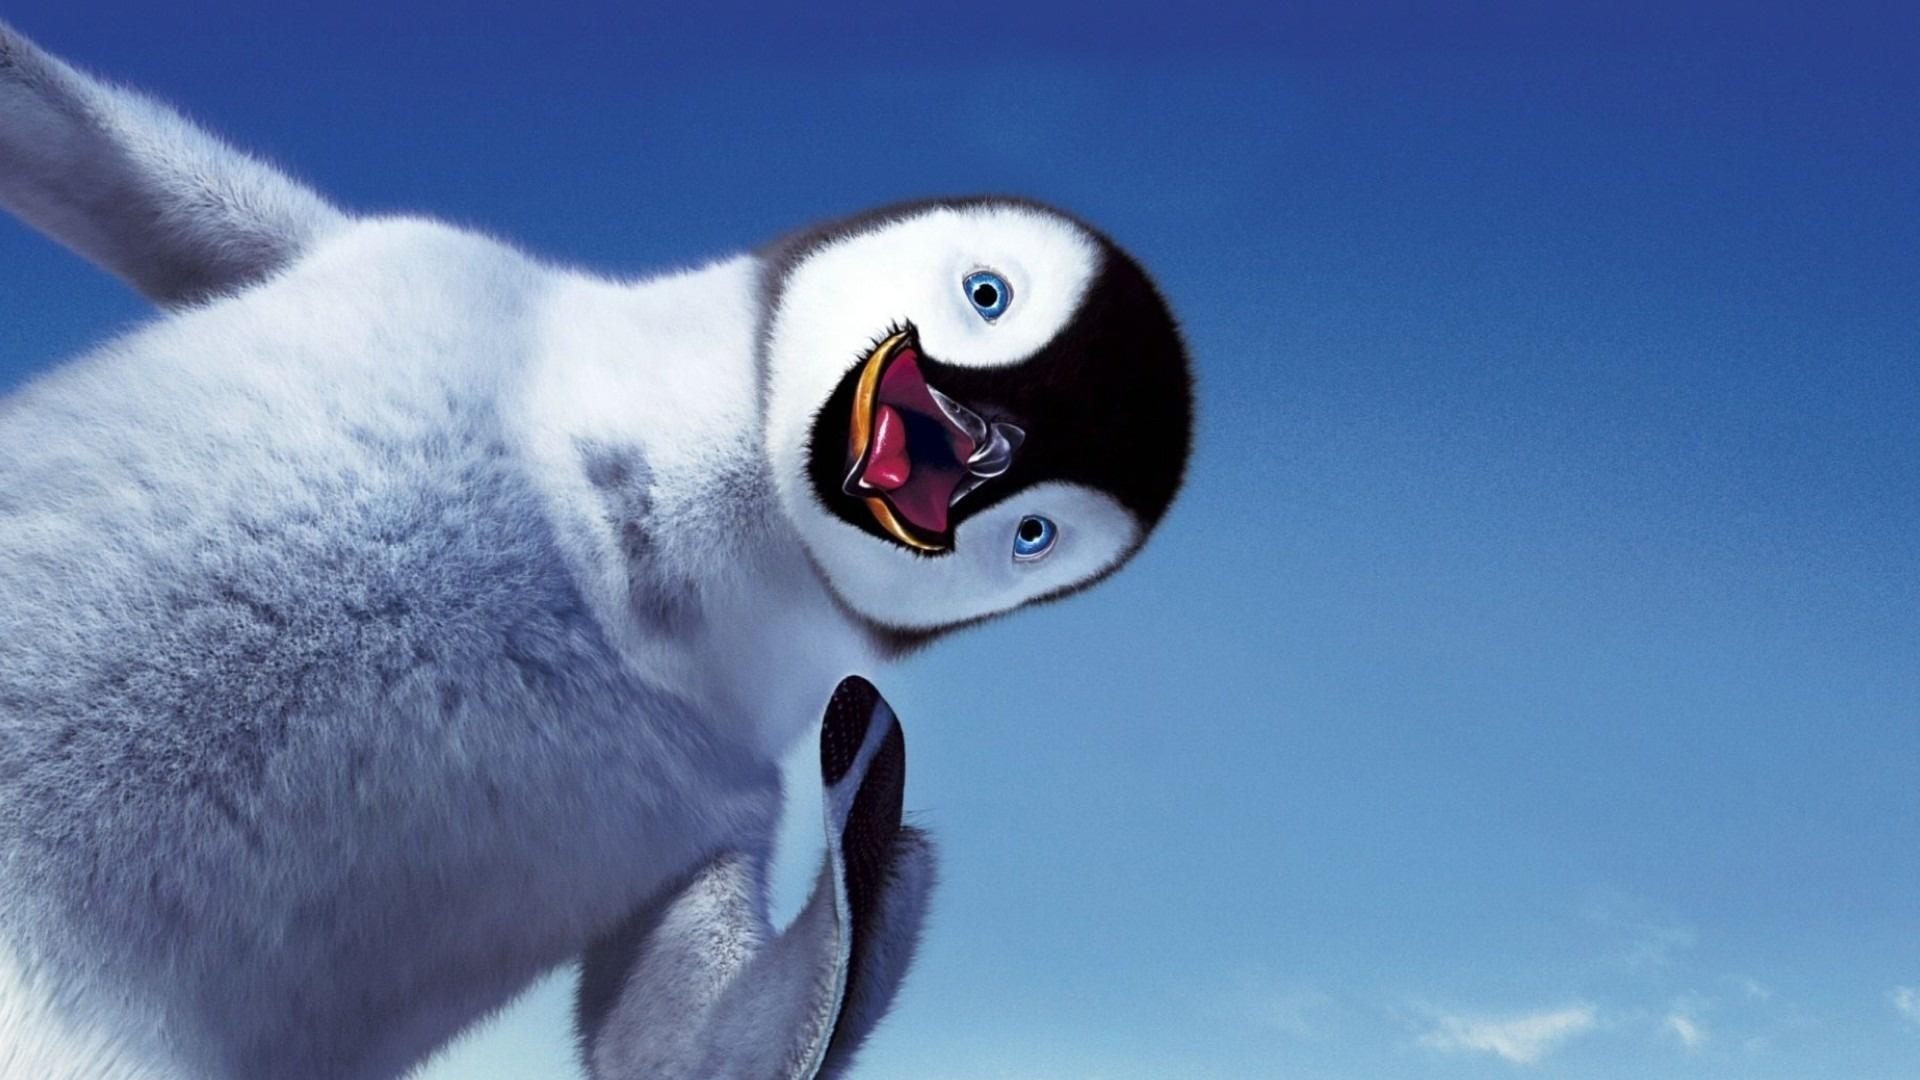 Baby Penguin Desktop Wallpaper Wallpapersafari